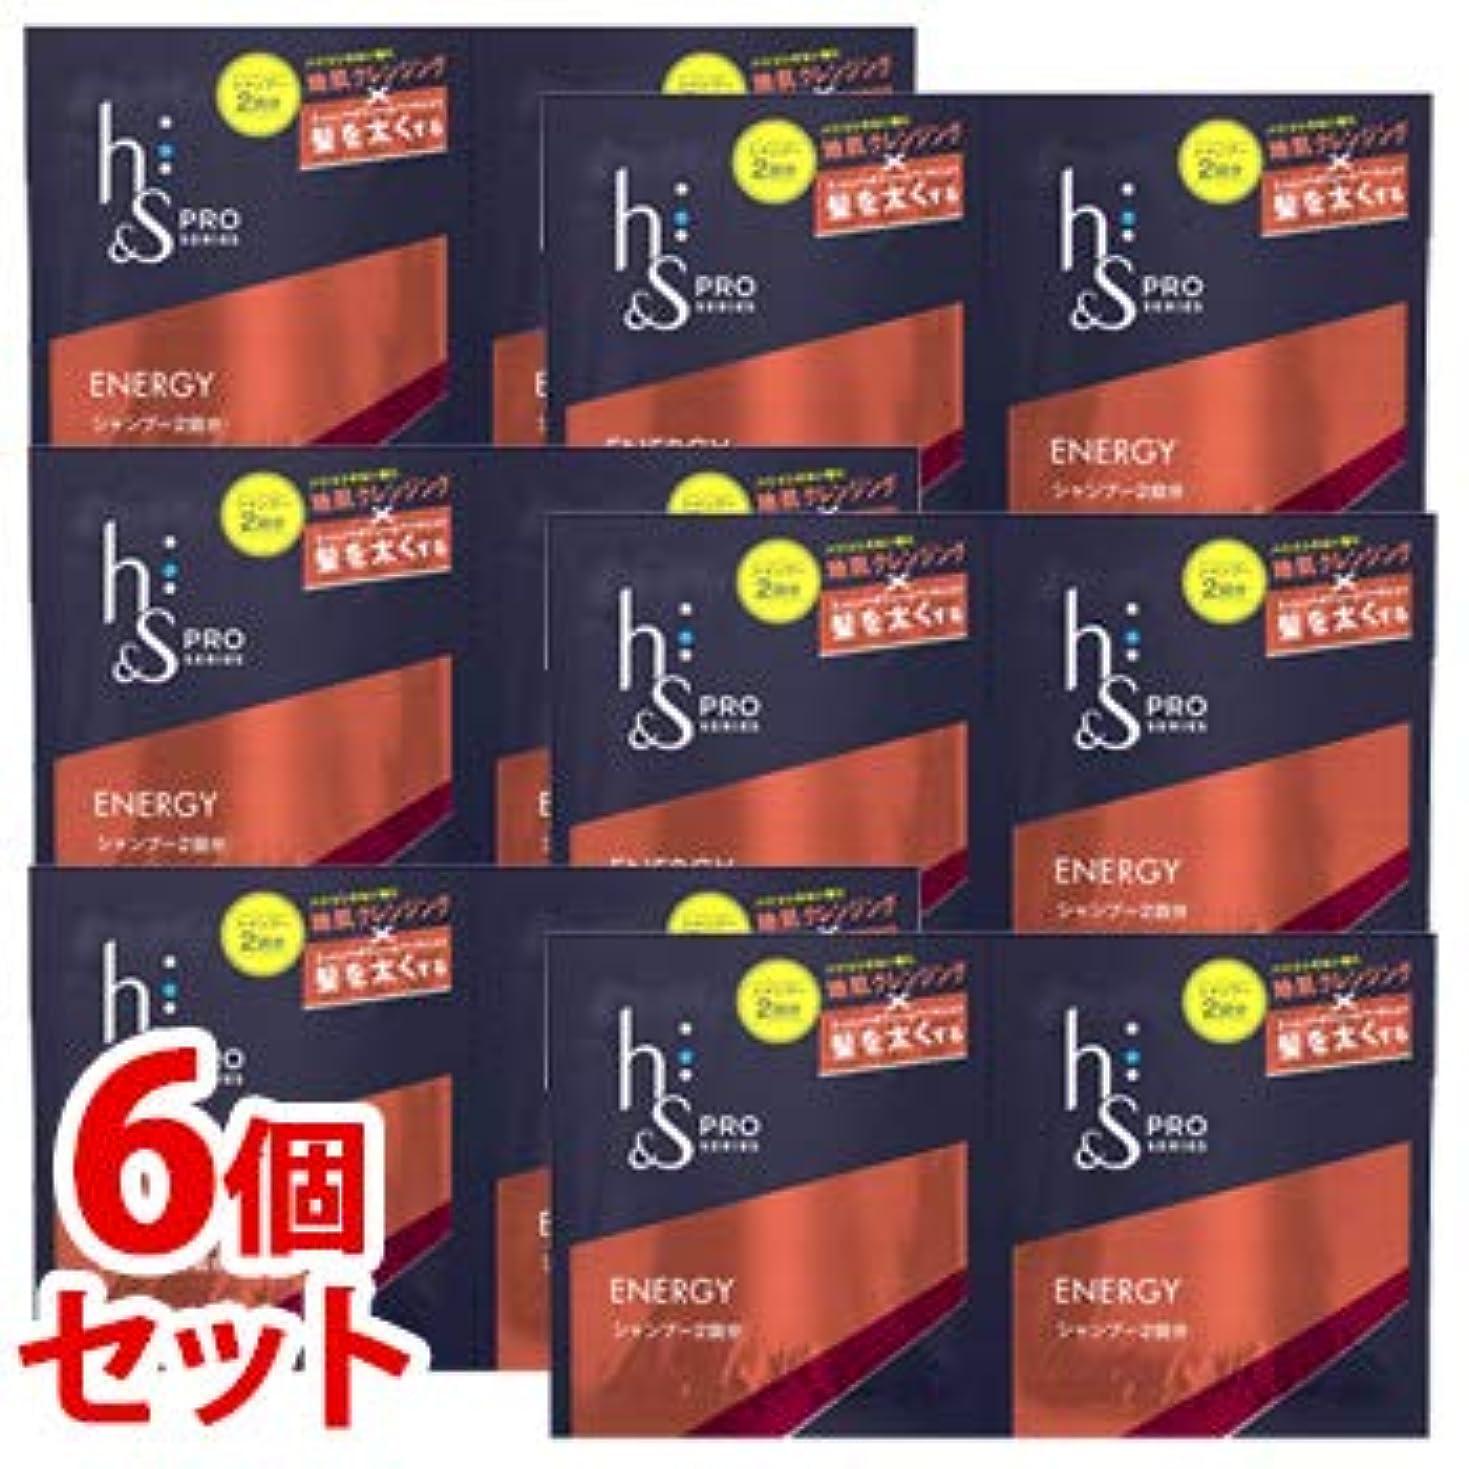 小説家ボーカル日常的に《セット販売》 P&G エイチアンドエス h&s フォーメン プロシリーズ エナジー シャンプー トライアルサシェ 2回分 (12mL×2個)×6個セット 【医薬部外品】